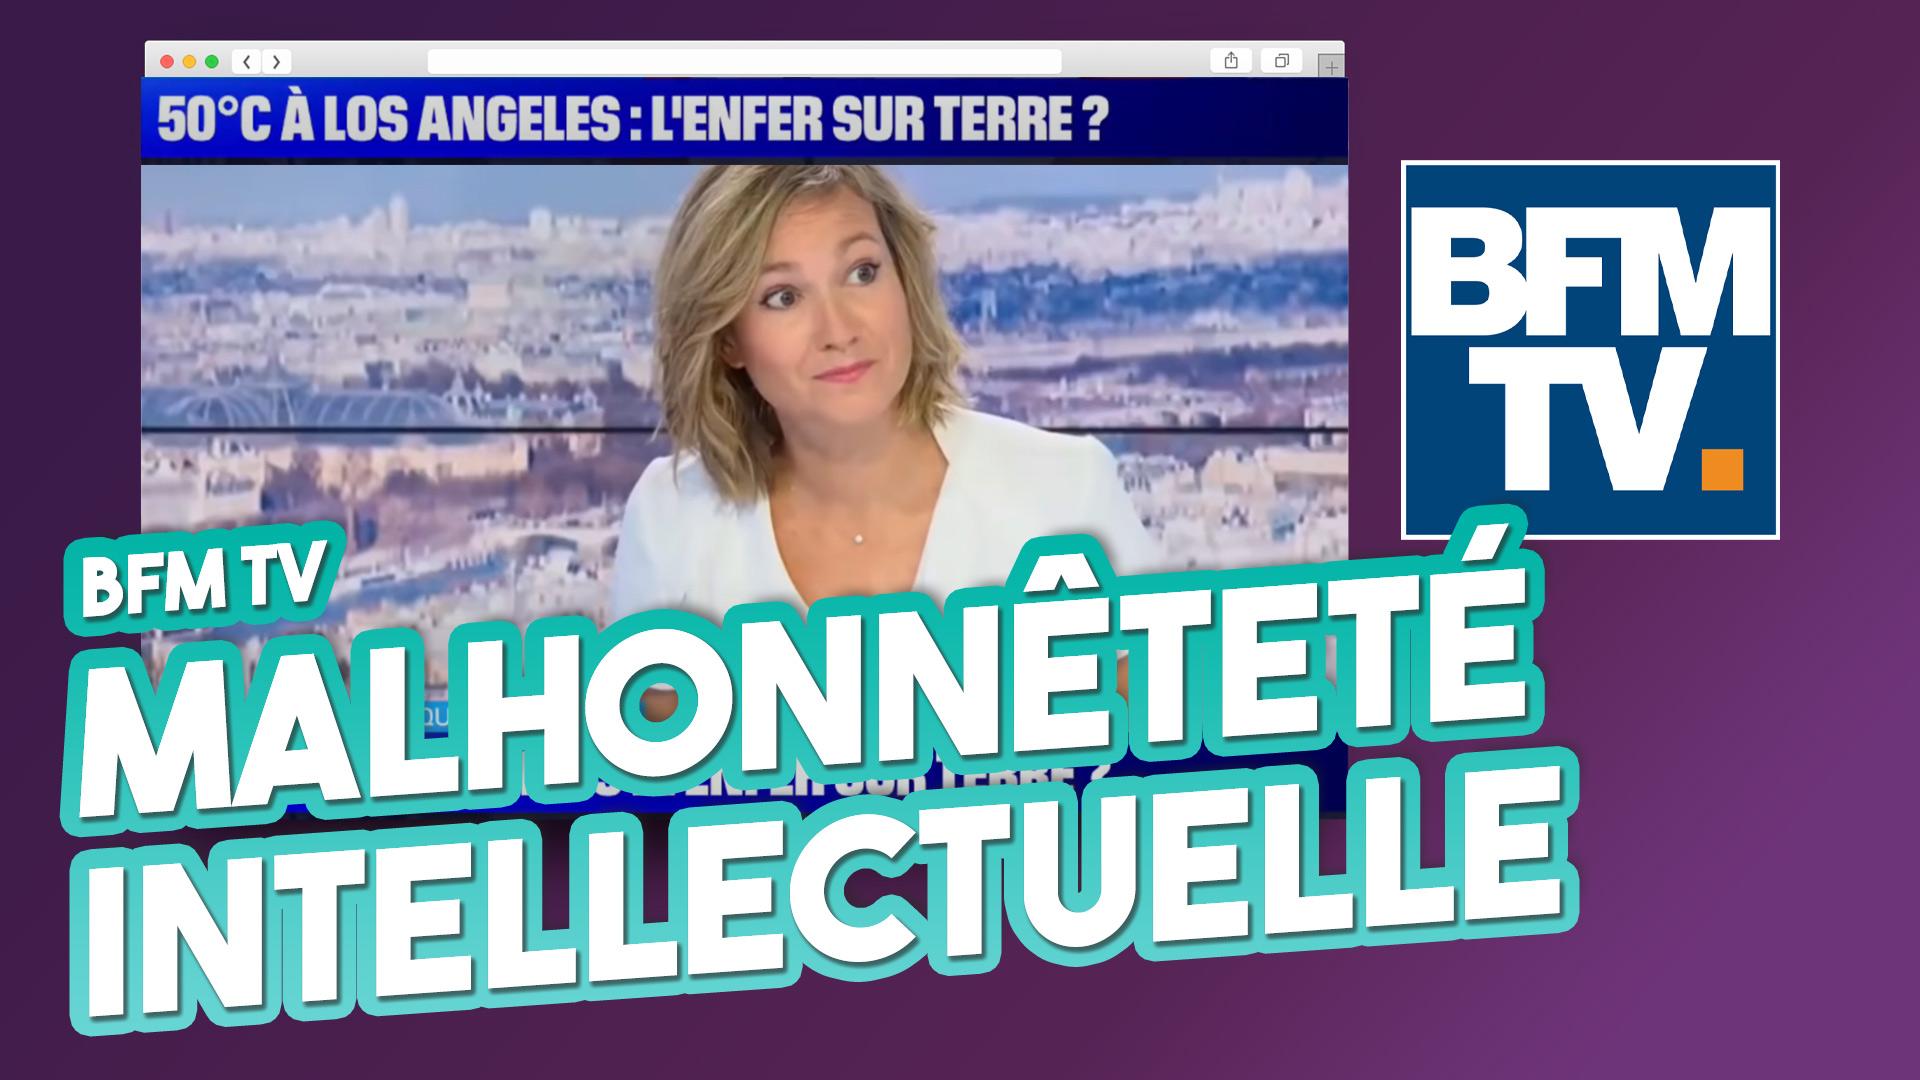 Réaction : BFM TV 🌡 50°C à Los Angeles, l'enfer sur terre? – Malhonnêteté intellectuelle